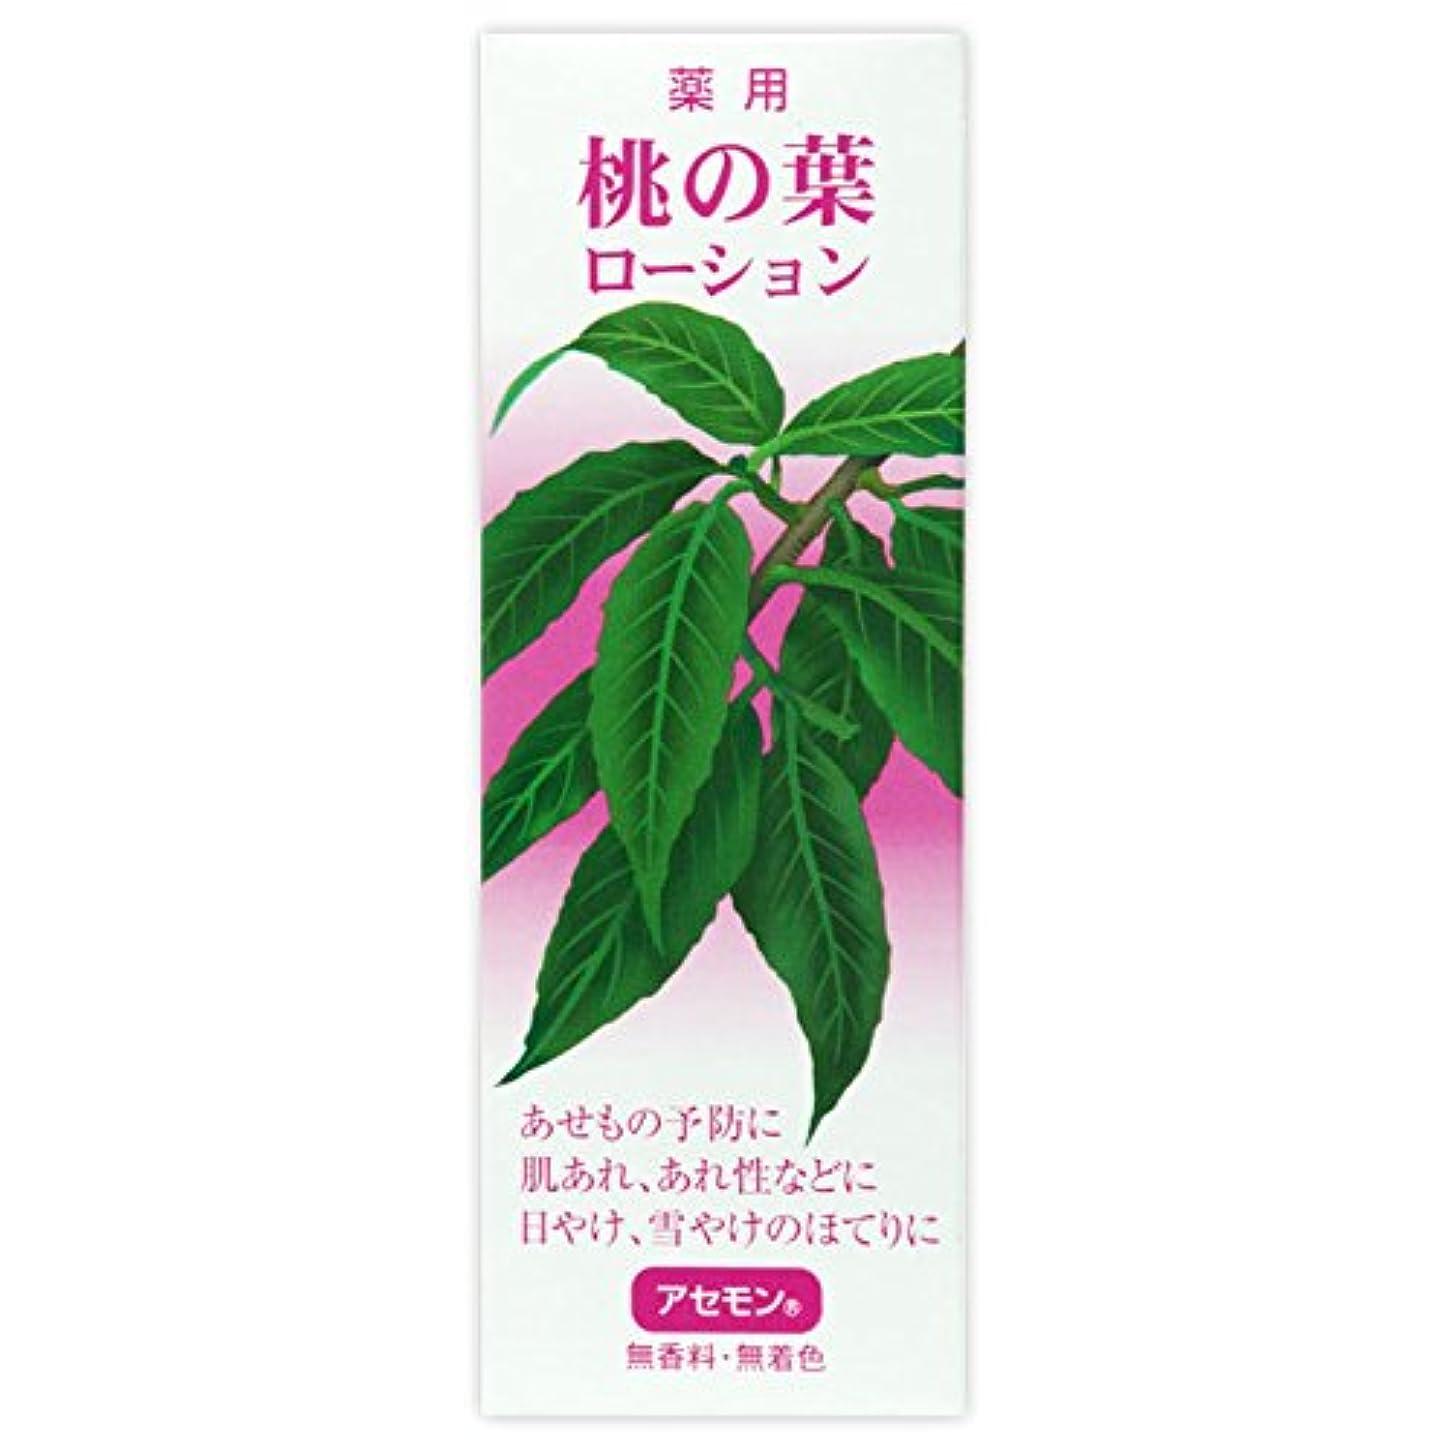 植物学脱走従順ヒラマツ商事 薬用 桃の葉ローション 180ml (医薬部外品)